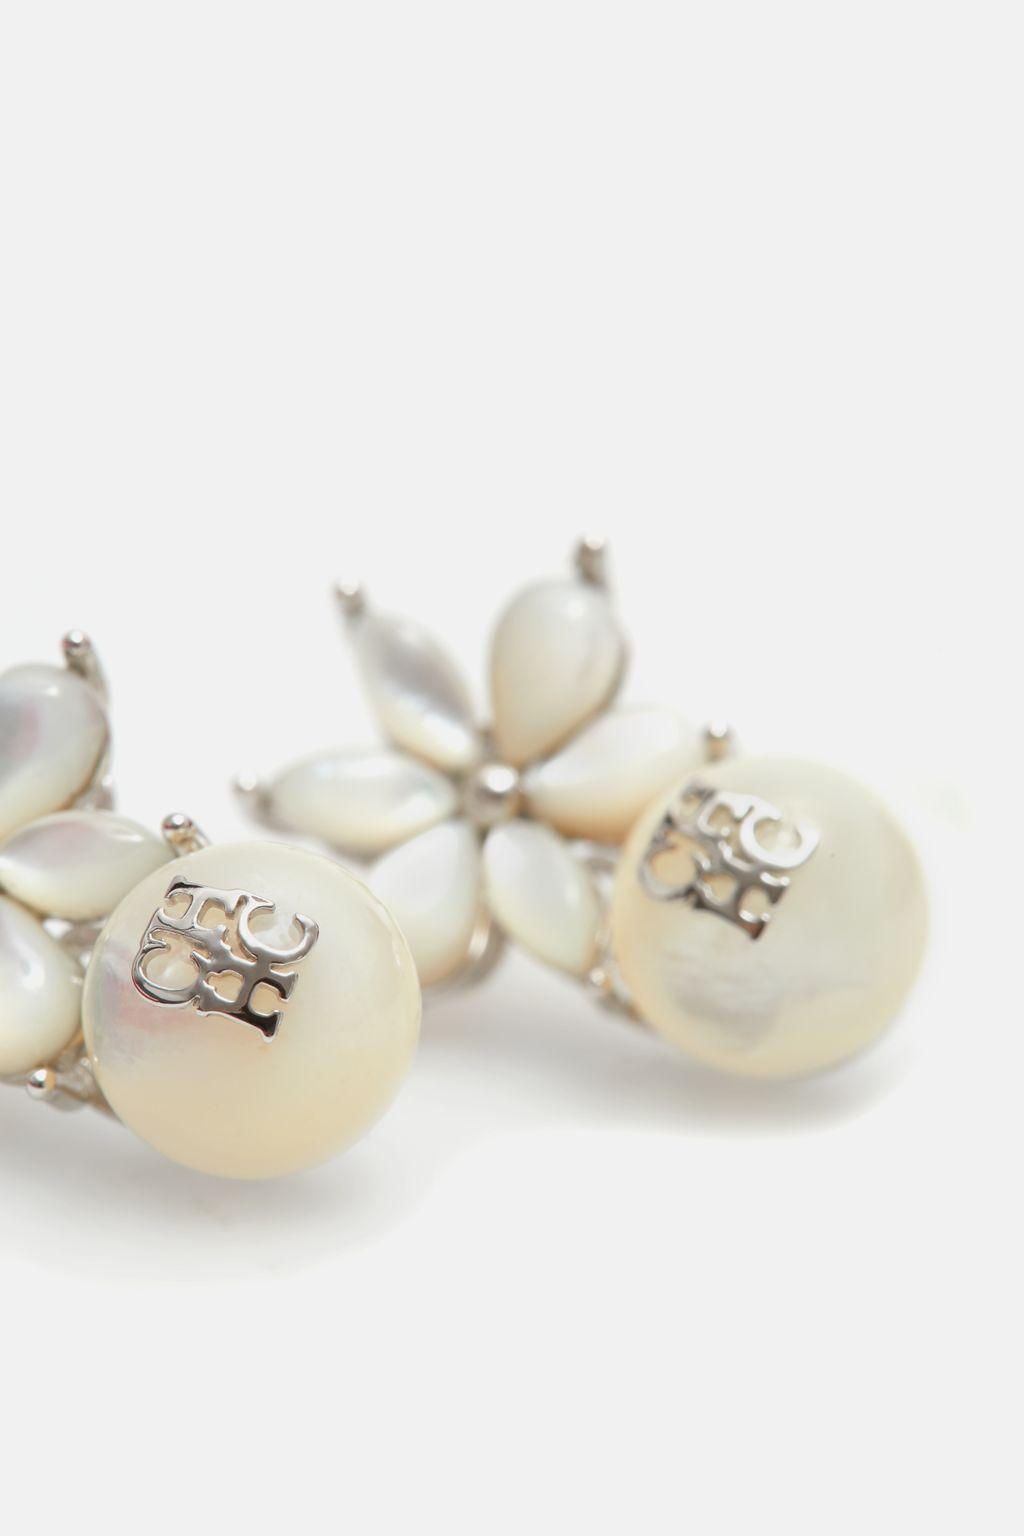 Crystal Jasmine small earrings